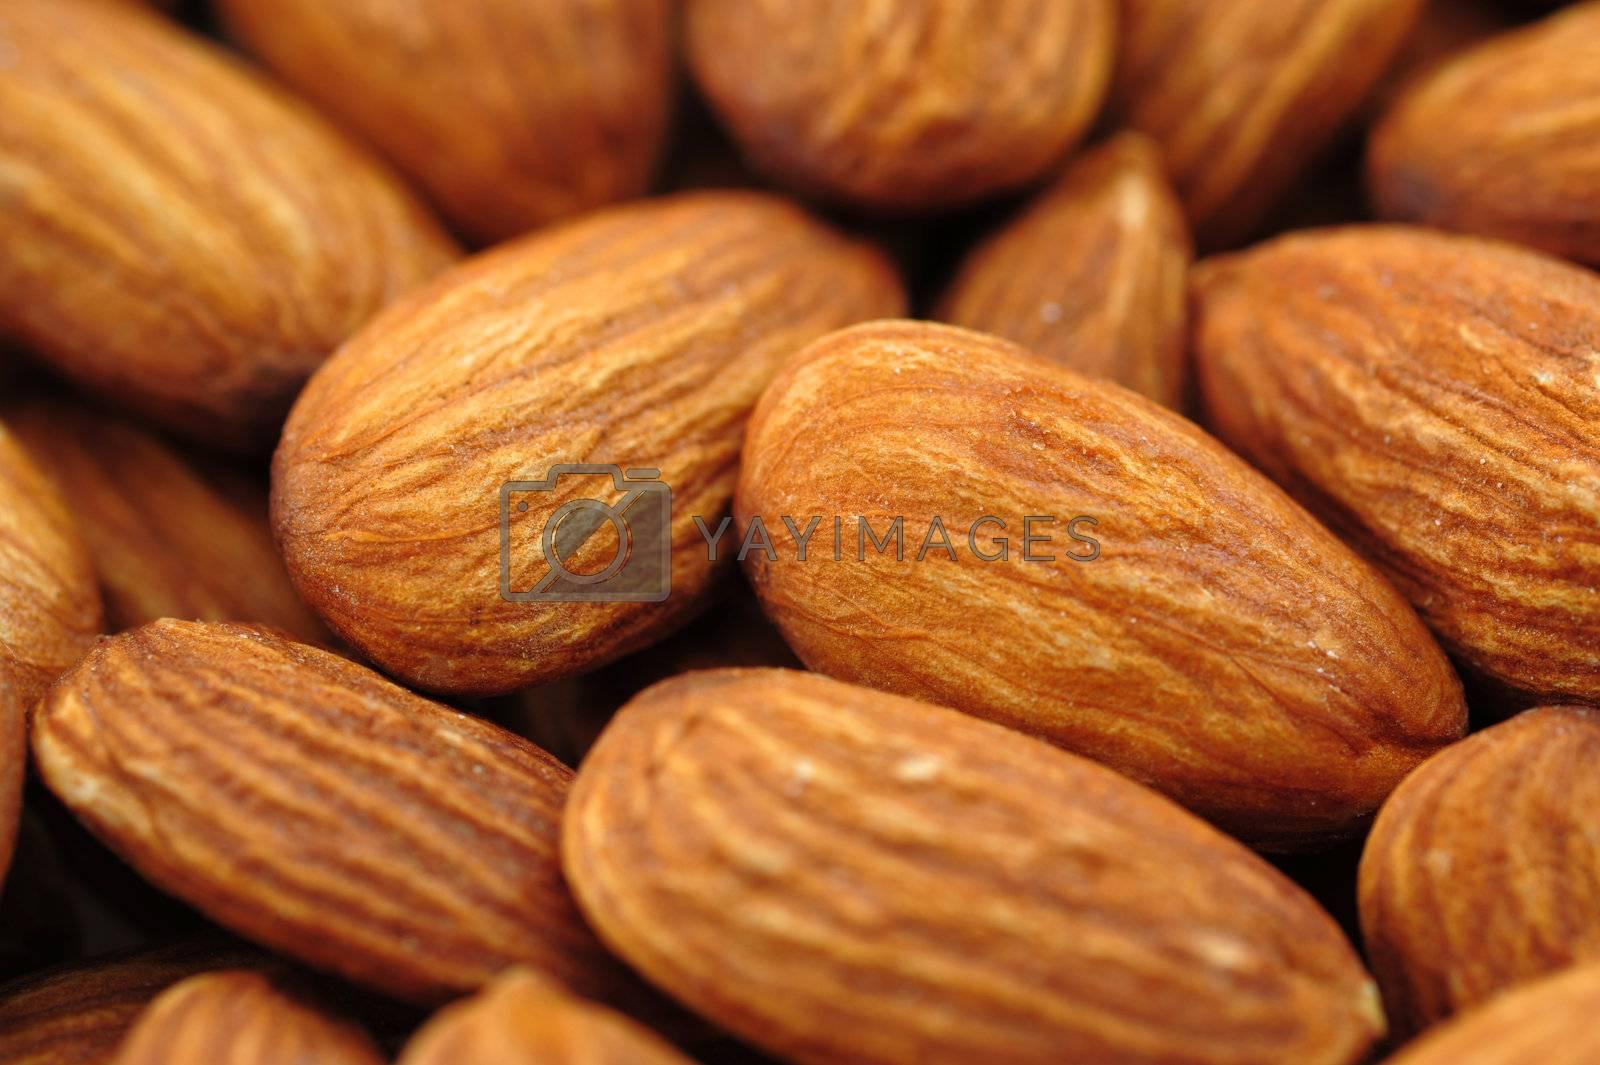 Almonds by antpkr